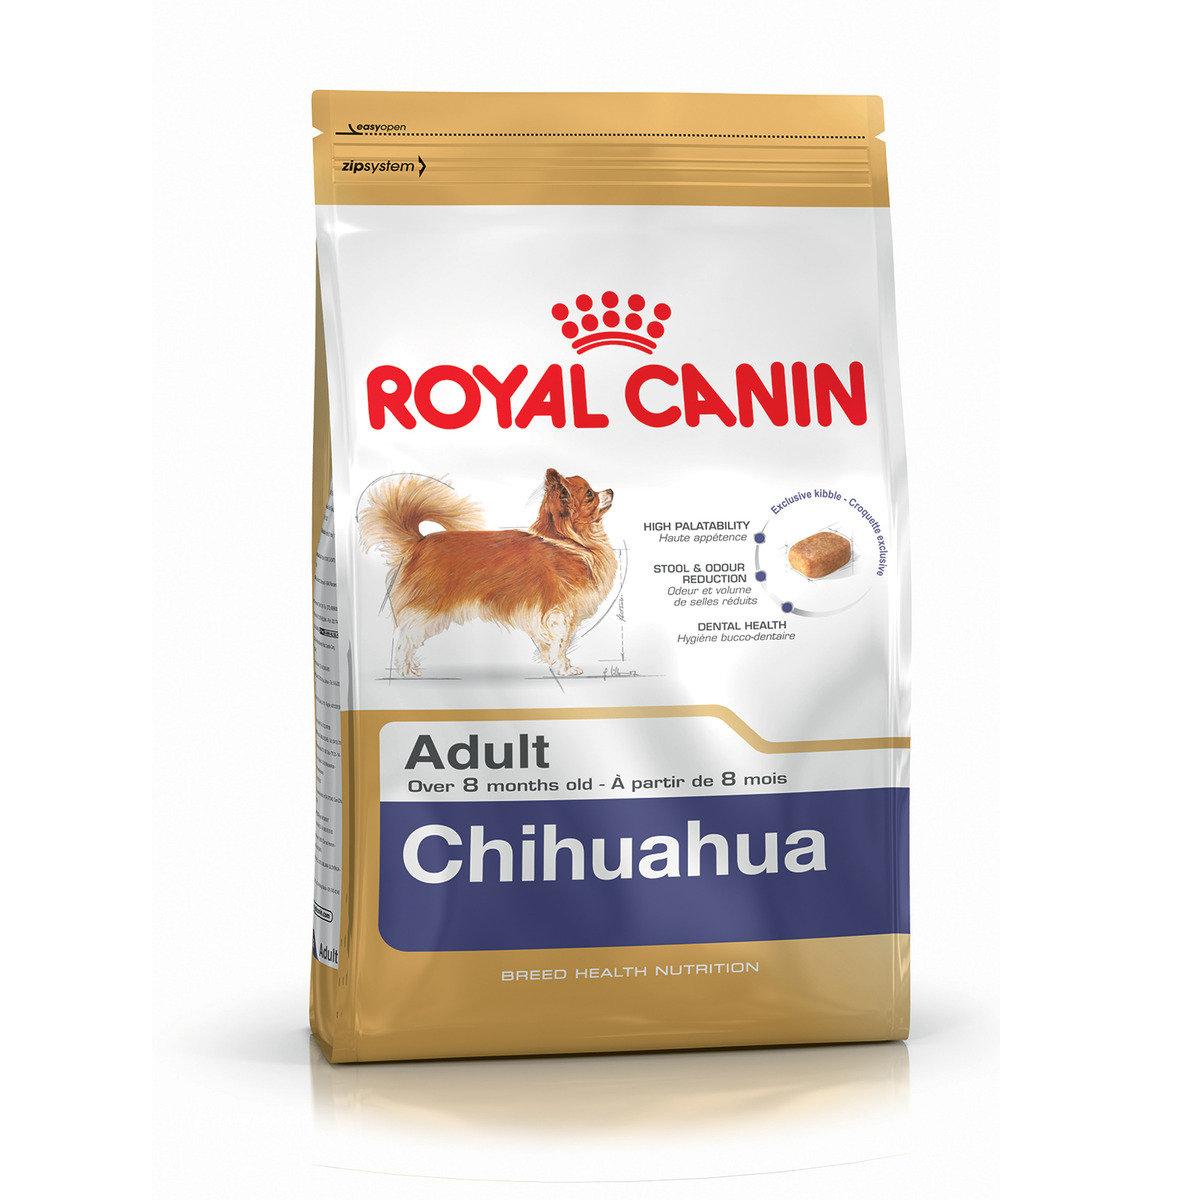 Chihuahua 芝娃娃配方 (CHH28)